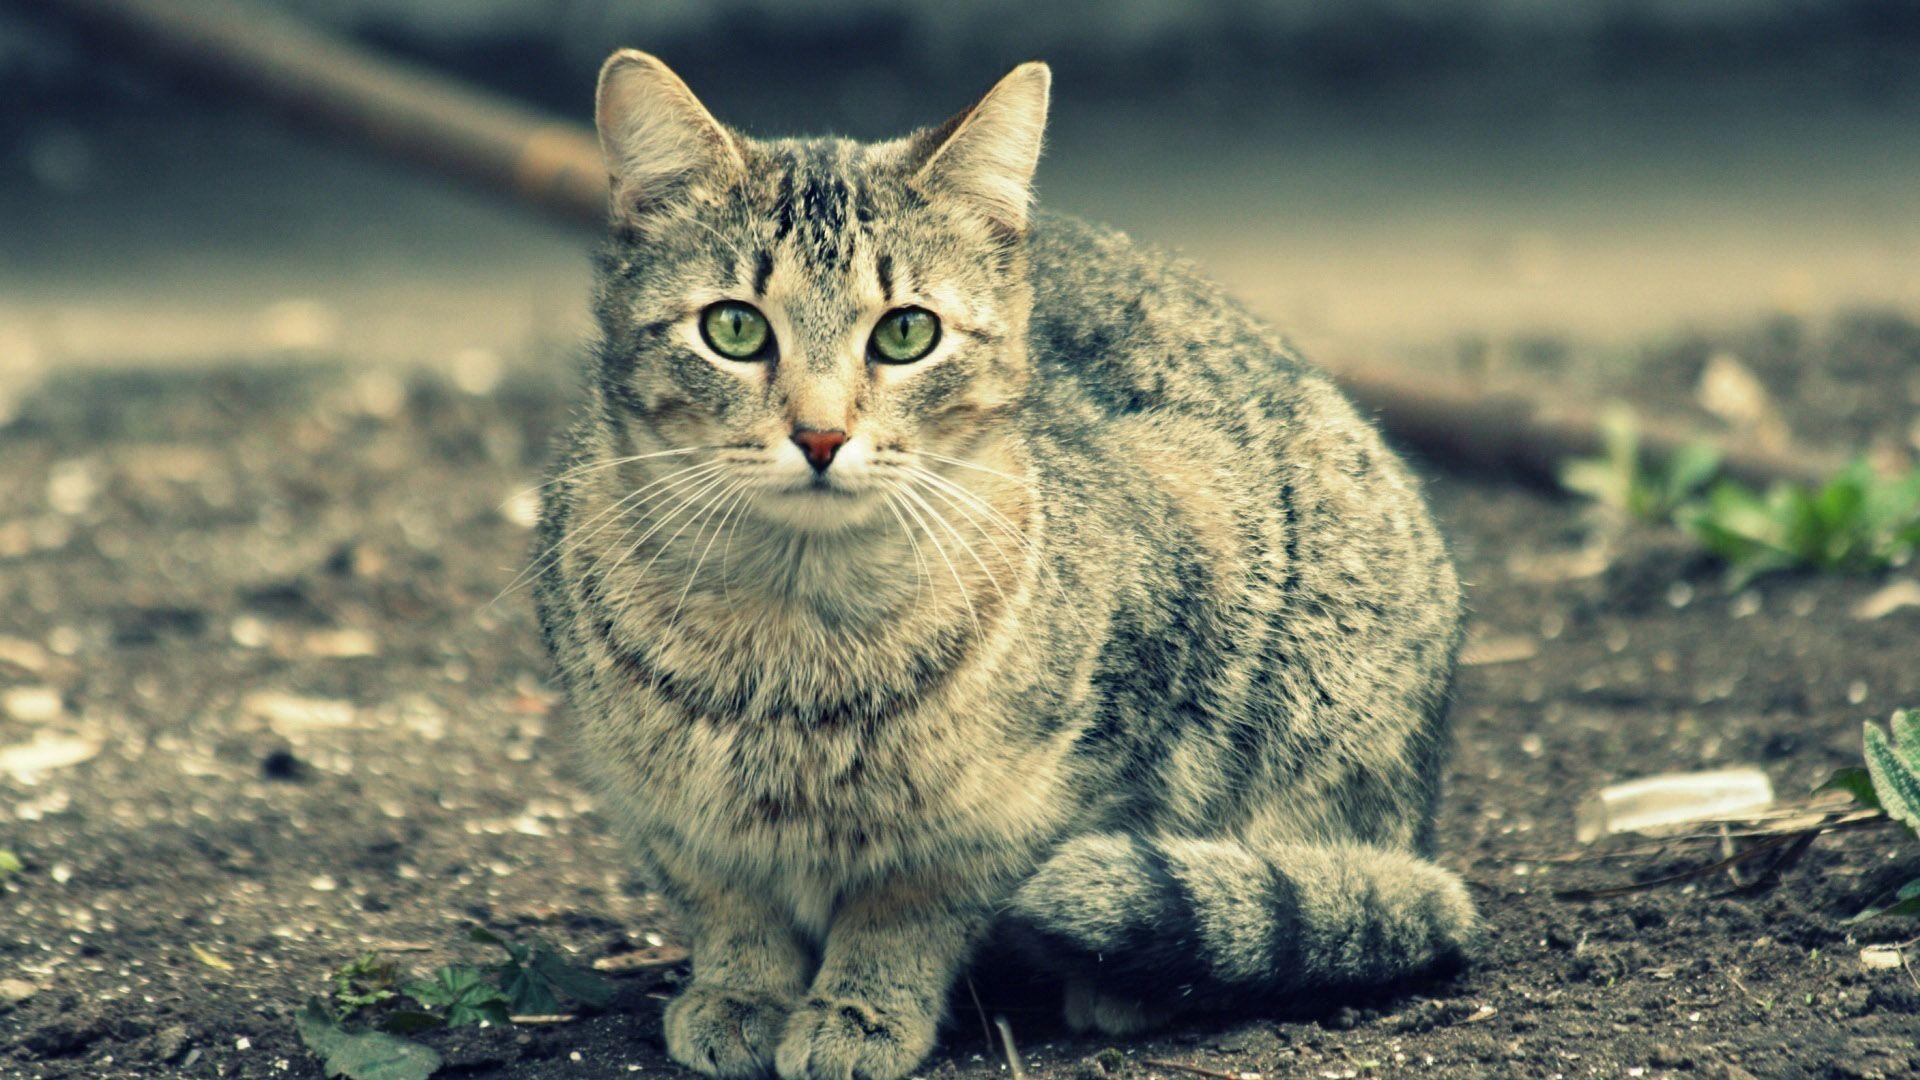 Pin Von Mark Auf I Love Cats Ausgestopftes Tier Graue Katzen Katzen